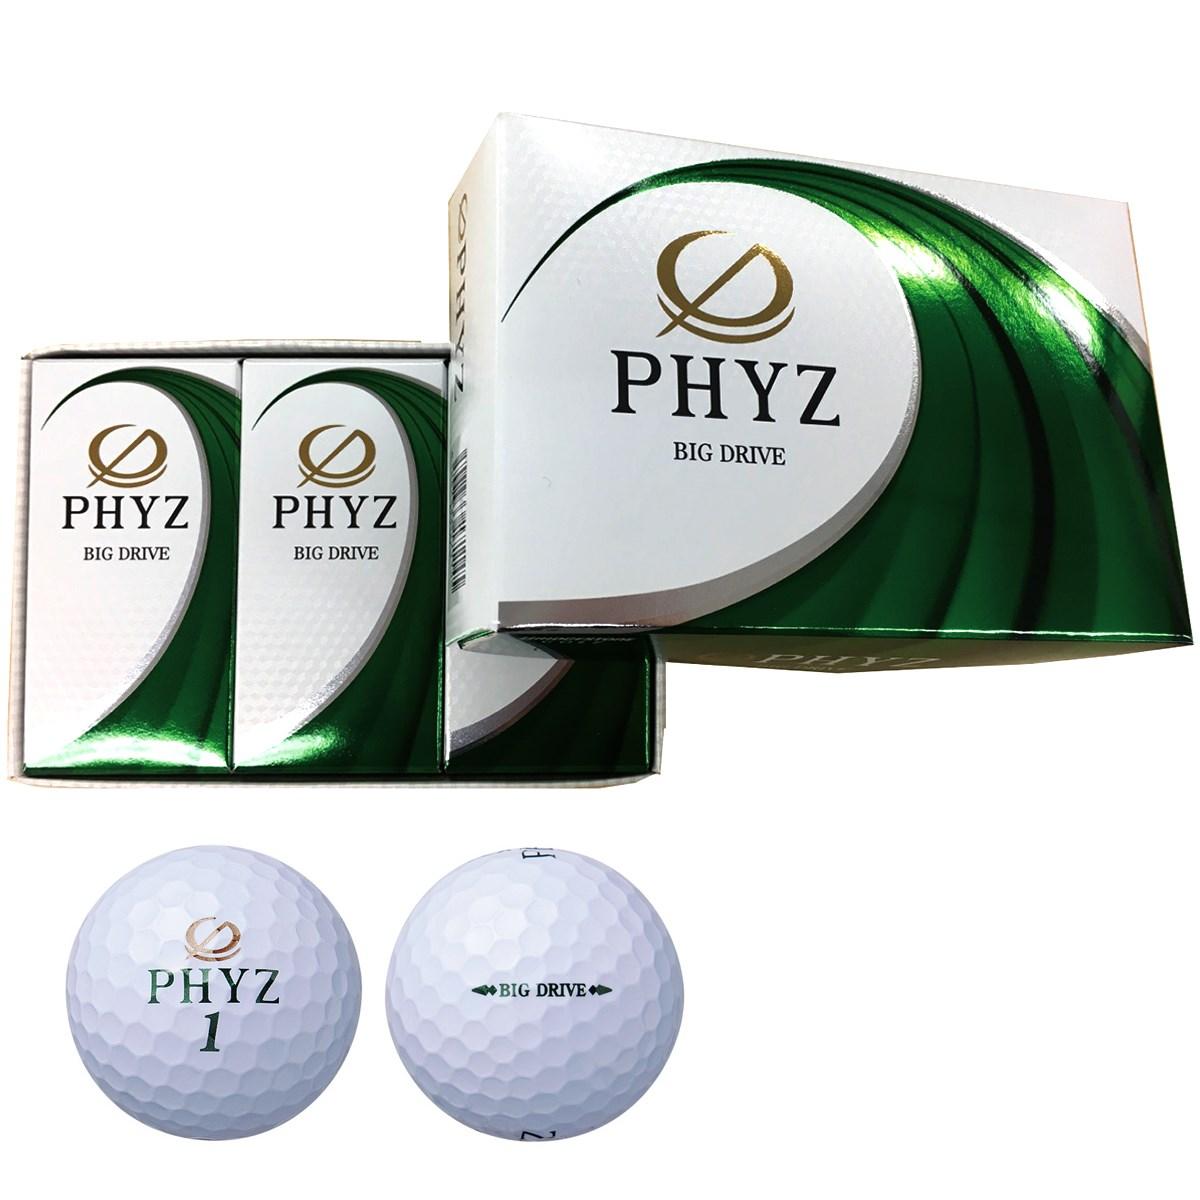 ブリヂストン(BRIDGESTONE GOLF) PHYZ ボール 2017年モデル 半ダース